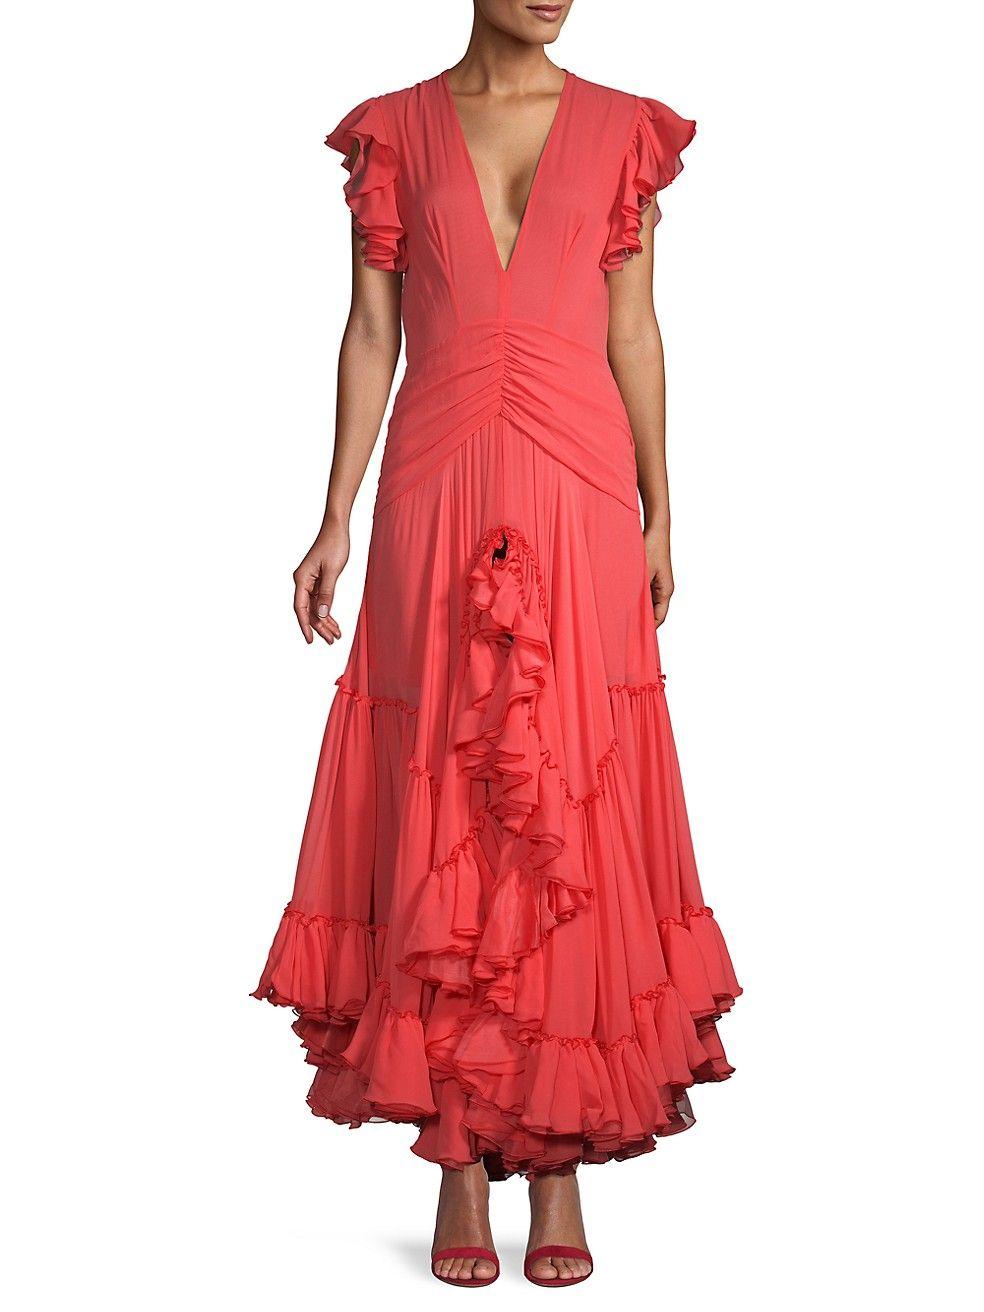 Giambattista valli silk tiered ruffle gown on sale saks